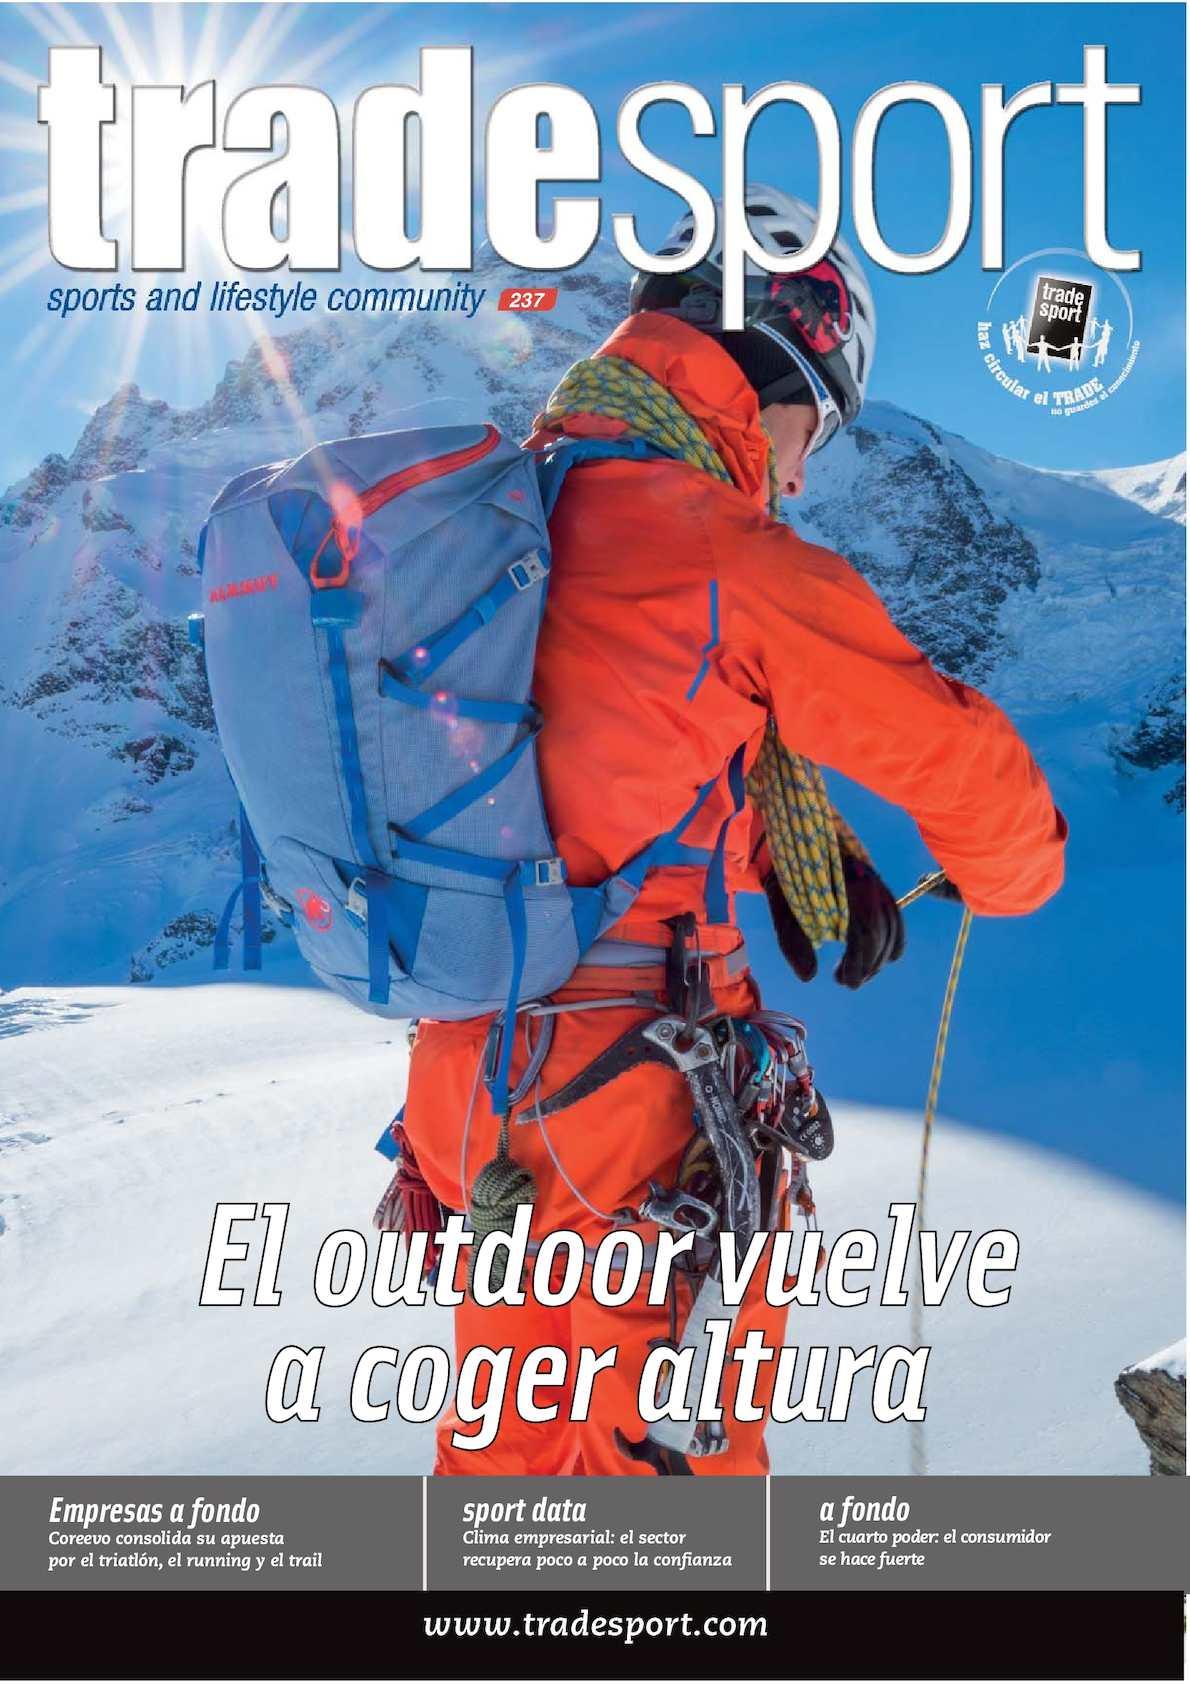 Micro Alti Altímetro Bicicleta de Montaña Escalada Senderismo Montañero Esquí